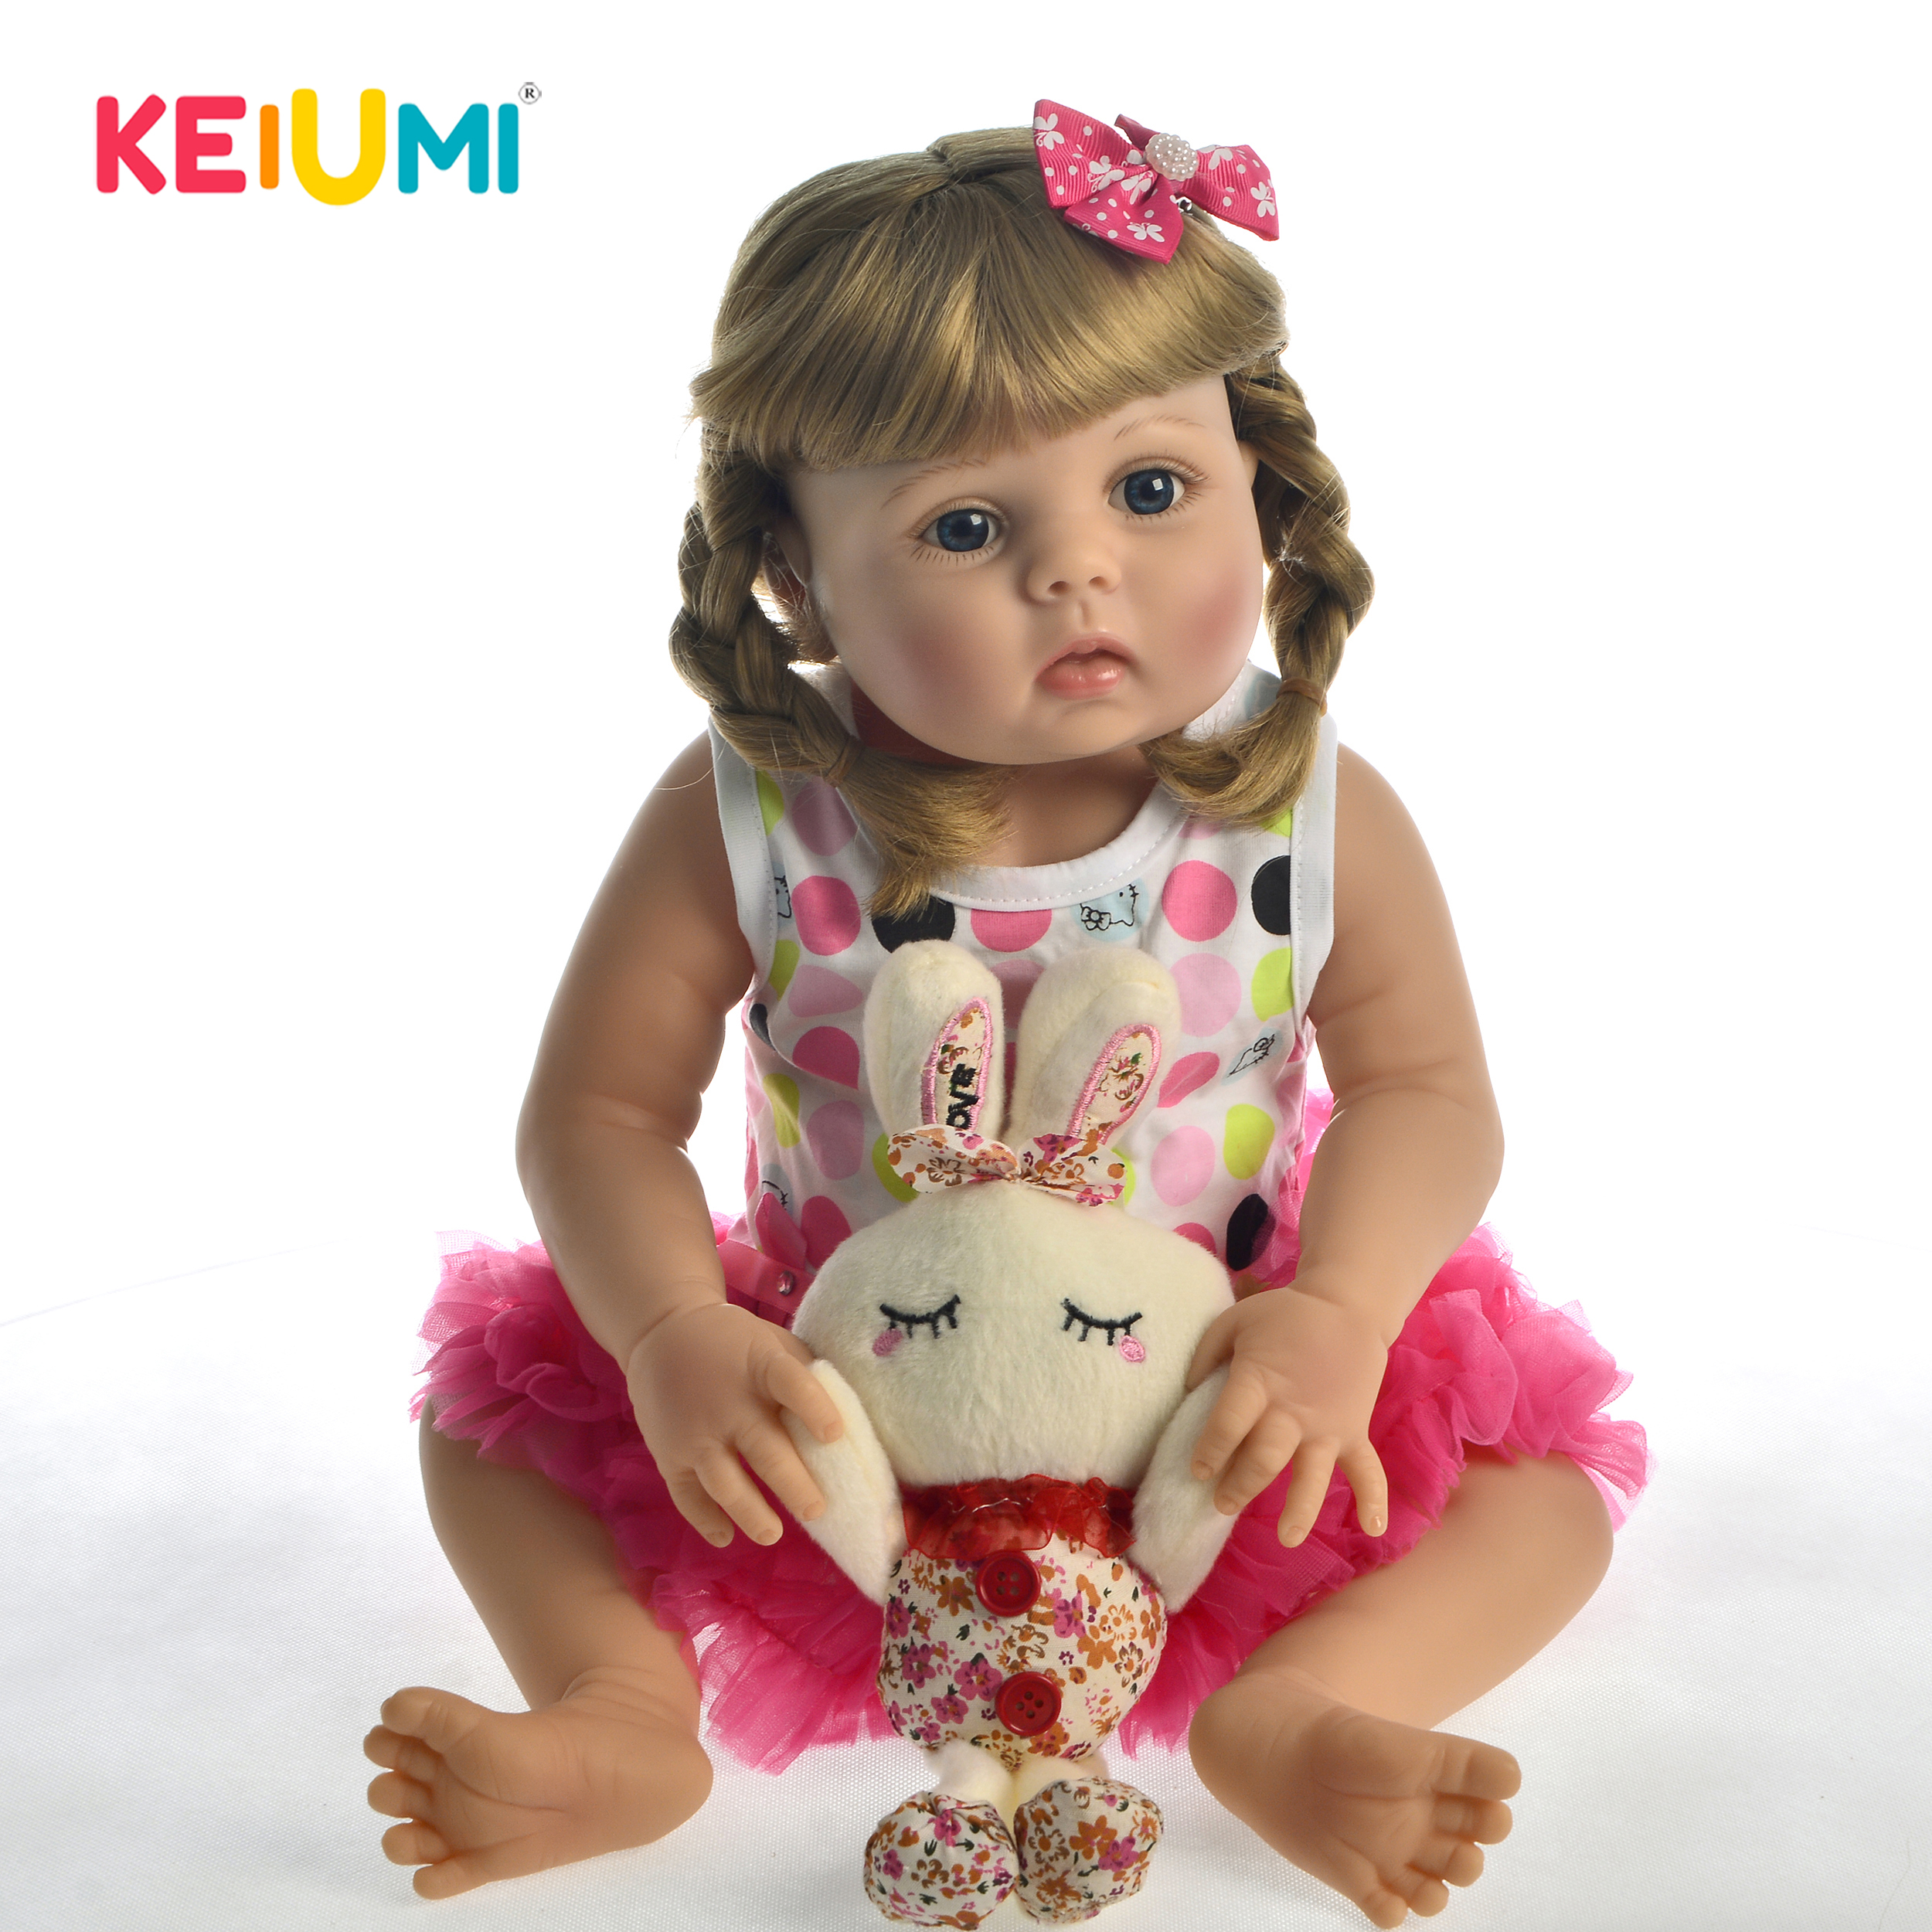 Nouveauté 23 ''57 cm Silicone corps complet bébé vivant poupée vinyle personnaliser bricolage cheveux Adorable princesse fille poupée Boneca pour les enfants